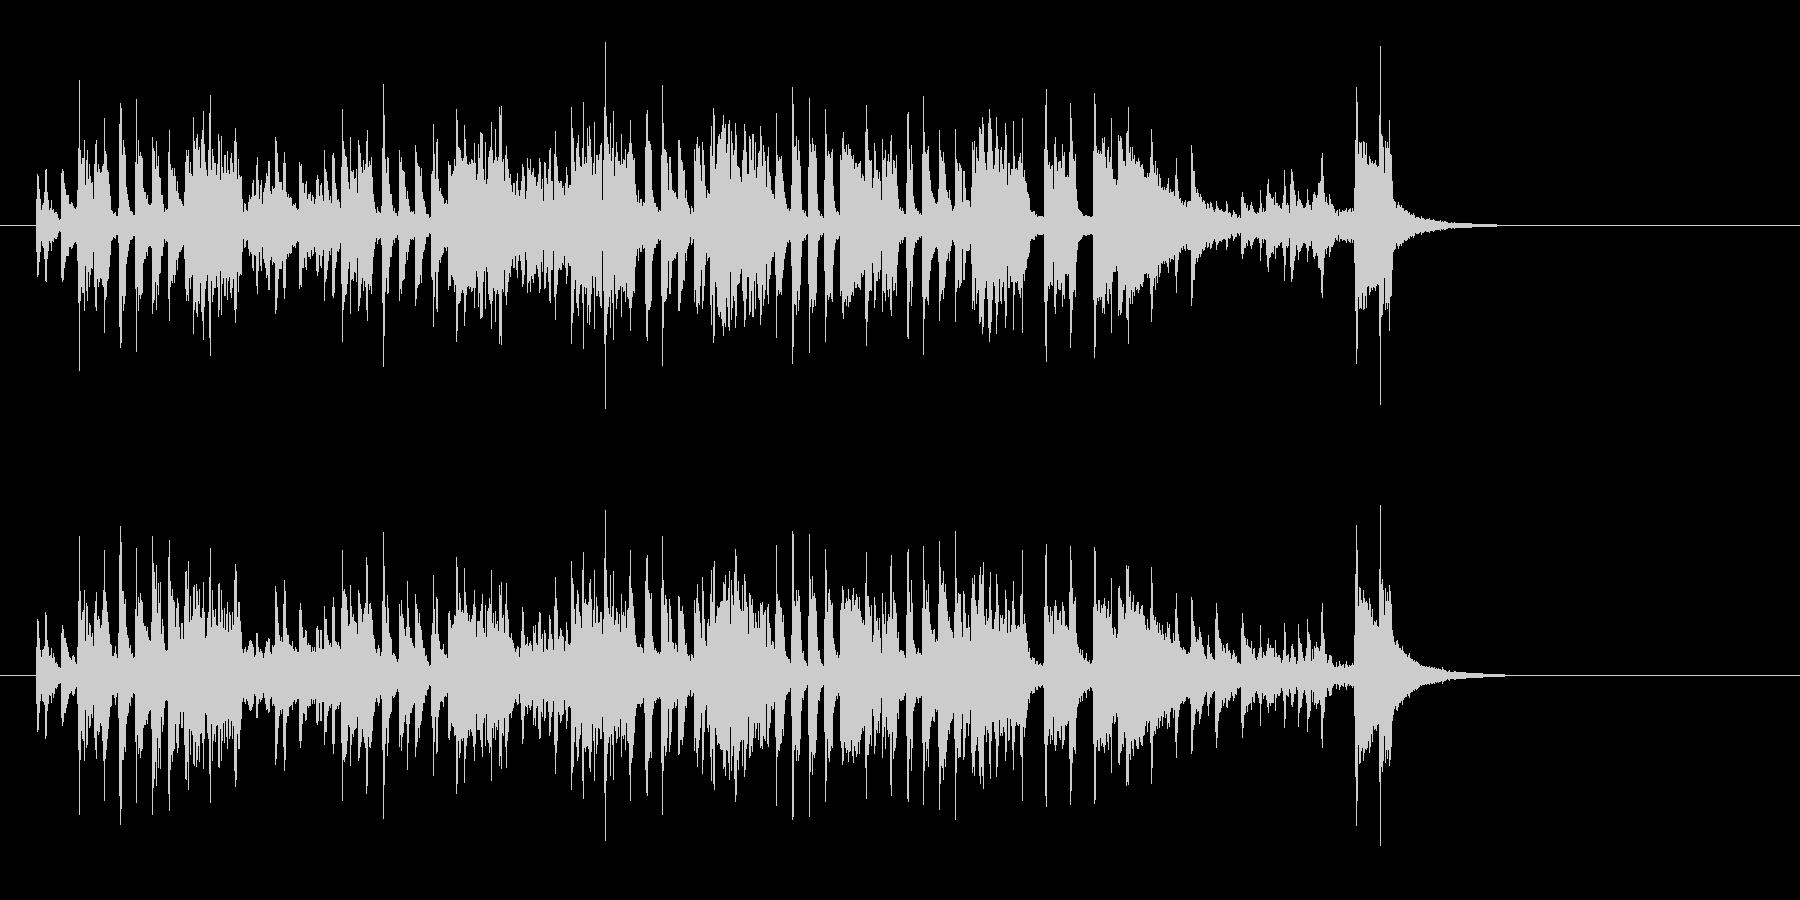 はでなエンディング向きクールなサウンドの未再生の波形